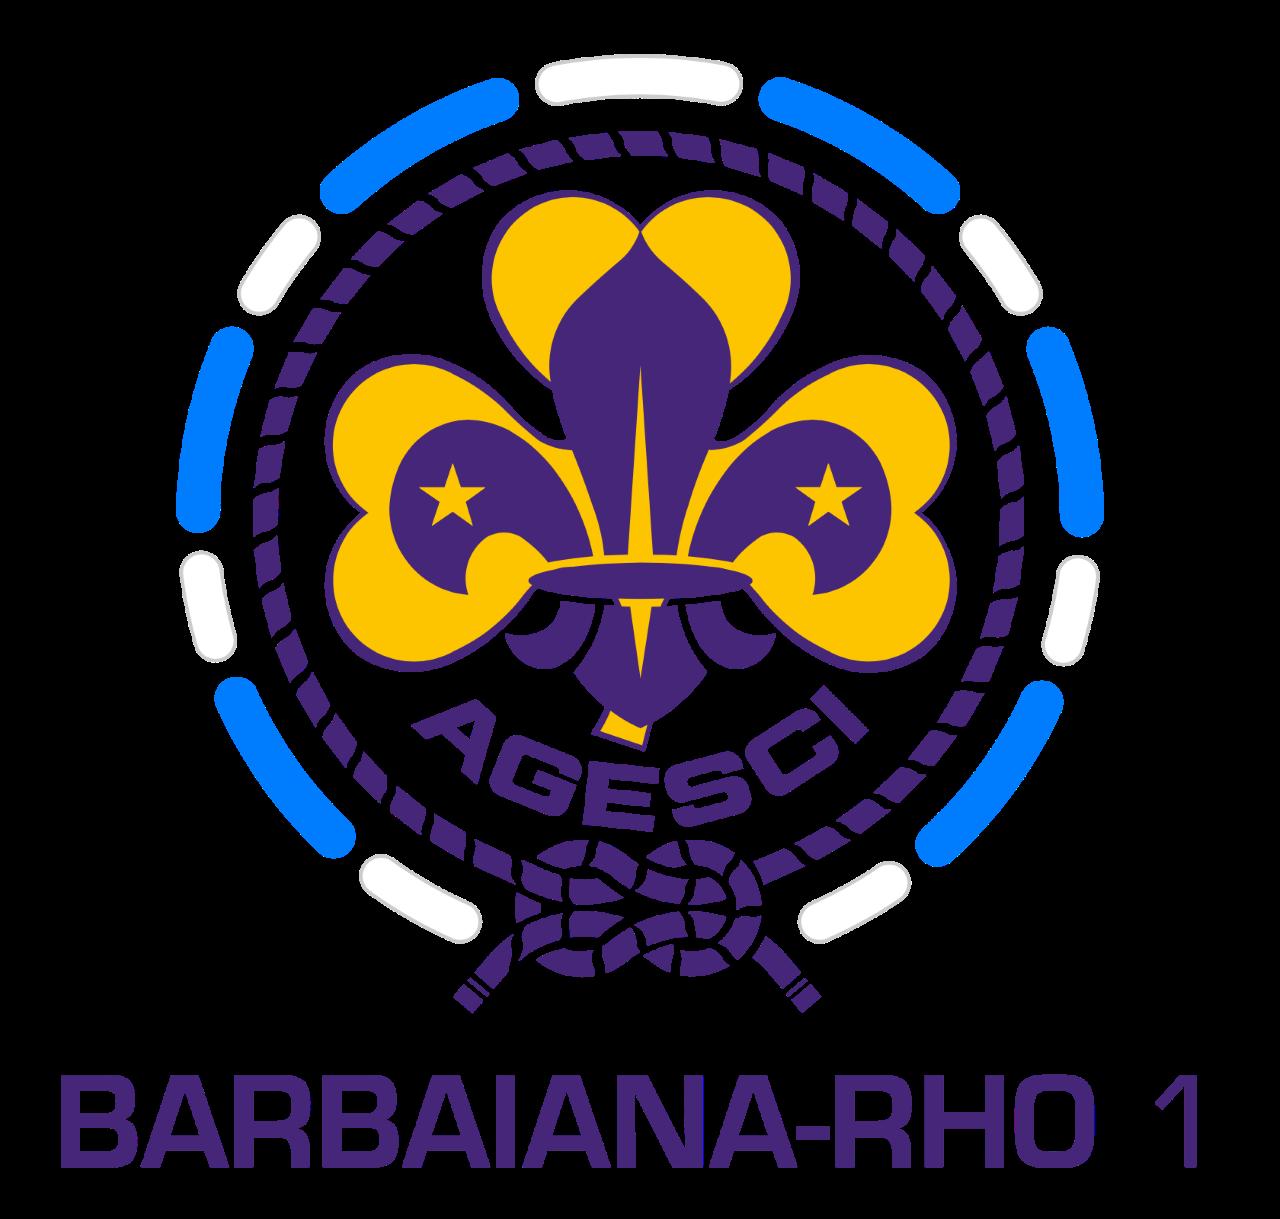 Gruppo Scout Barbaiana-Rho